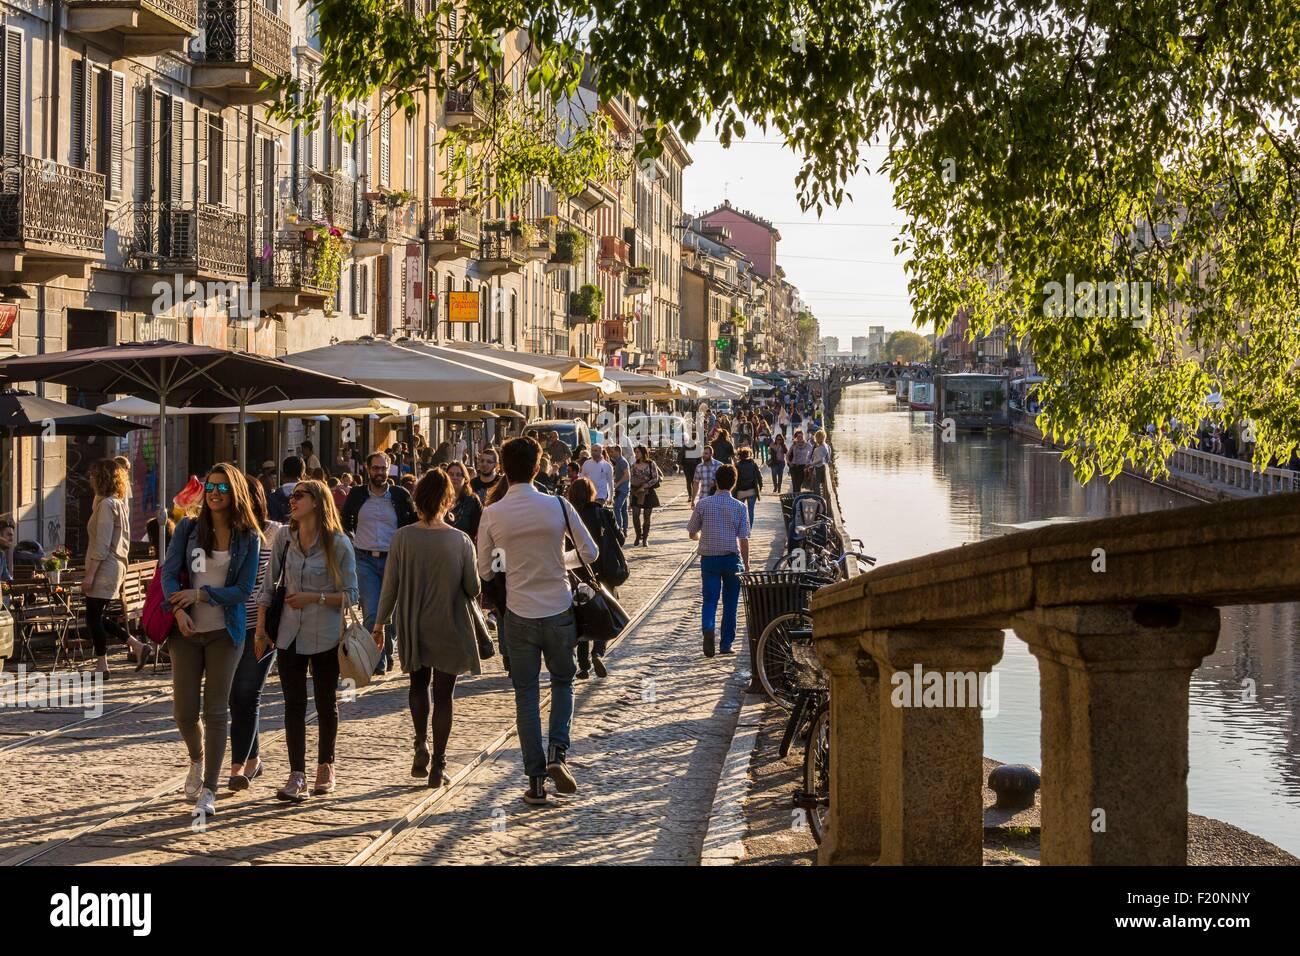 L'Italia, Lombardia, Milano, Navigli, il Naviglio Grande canal e Via Alzaia Naviglio Pavese Immagini Stock